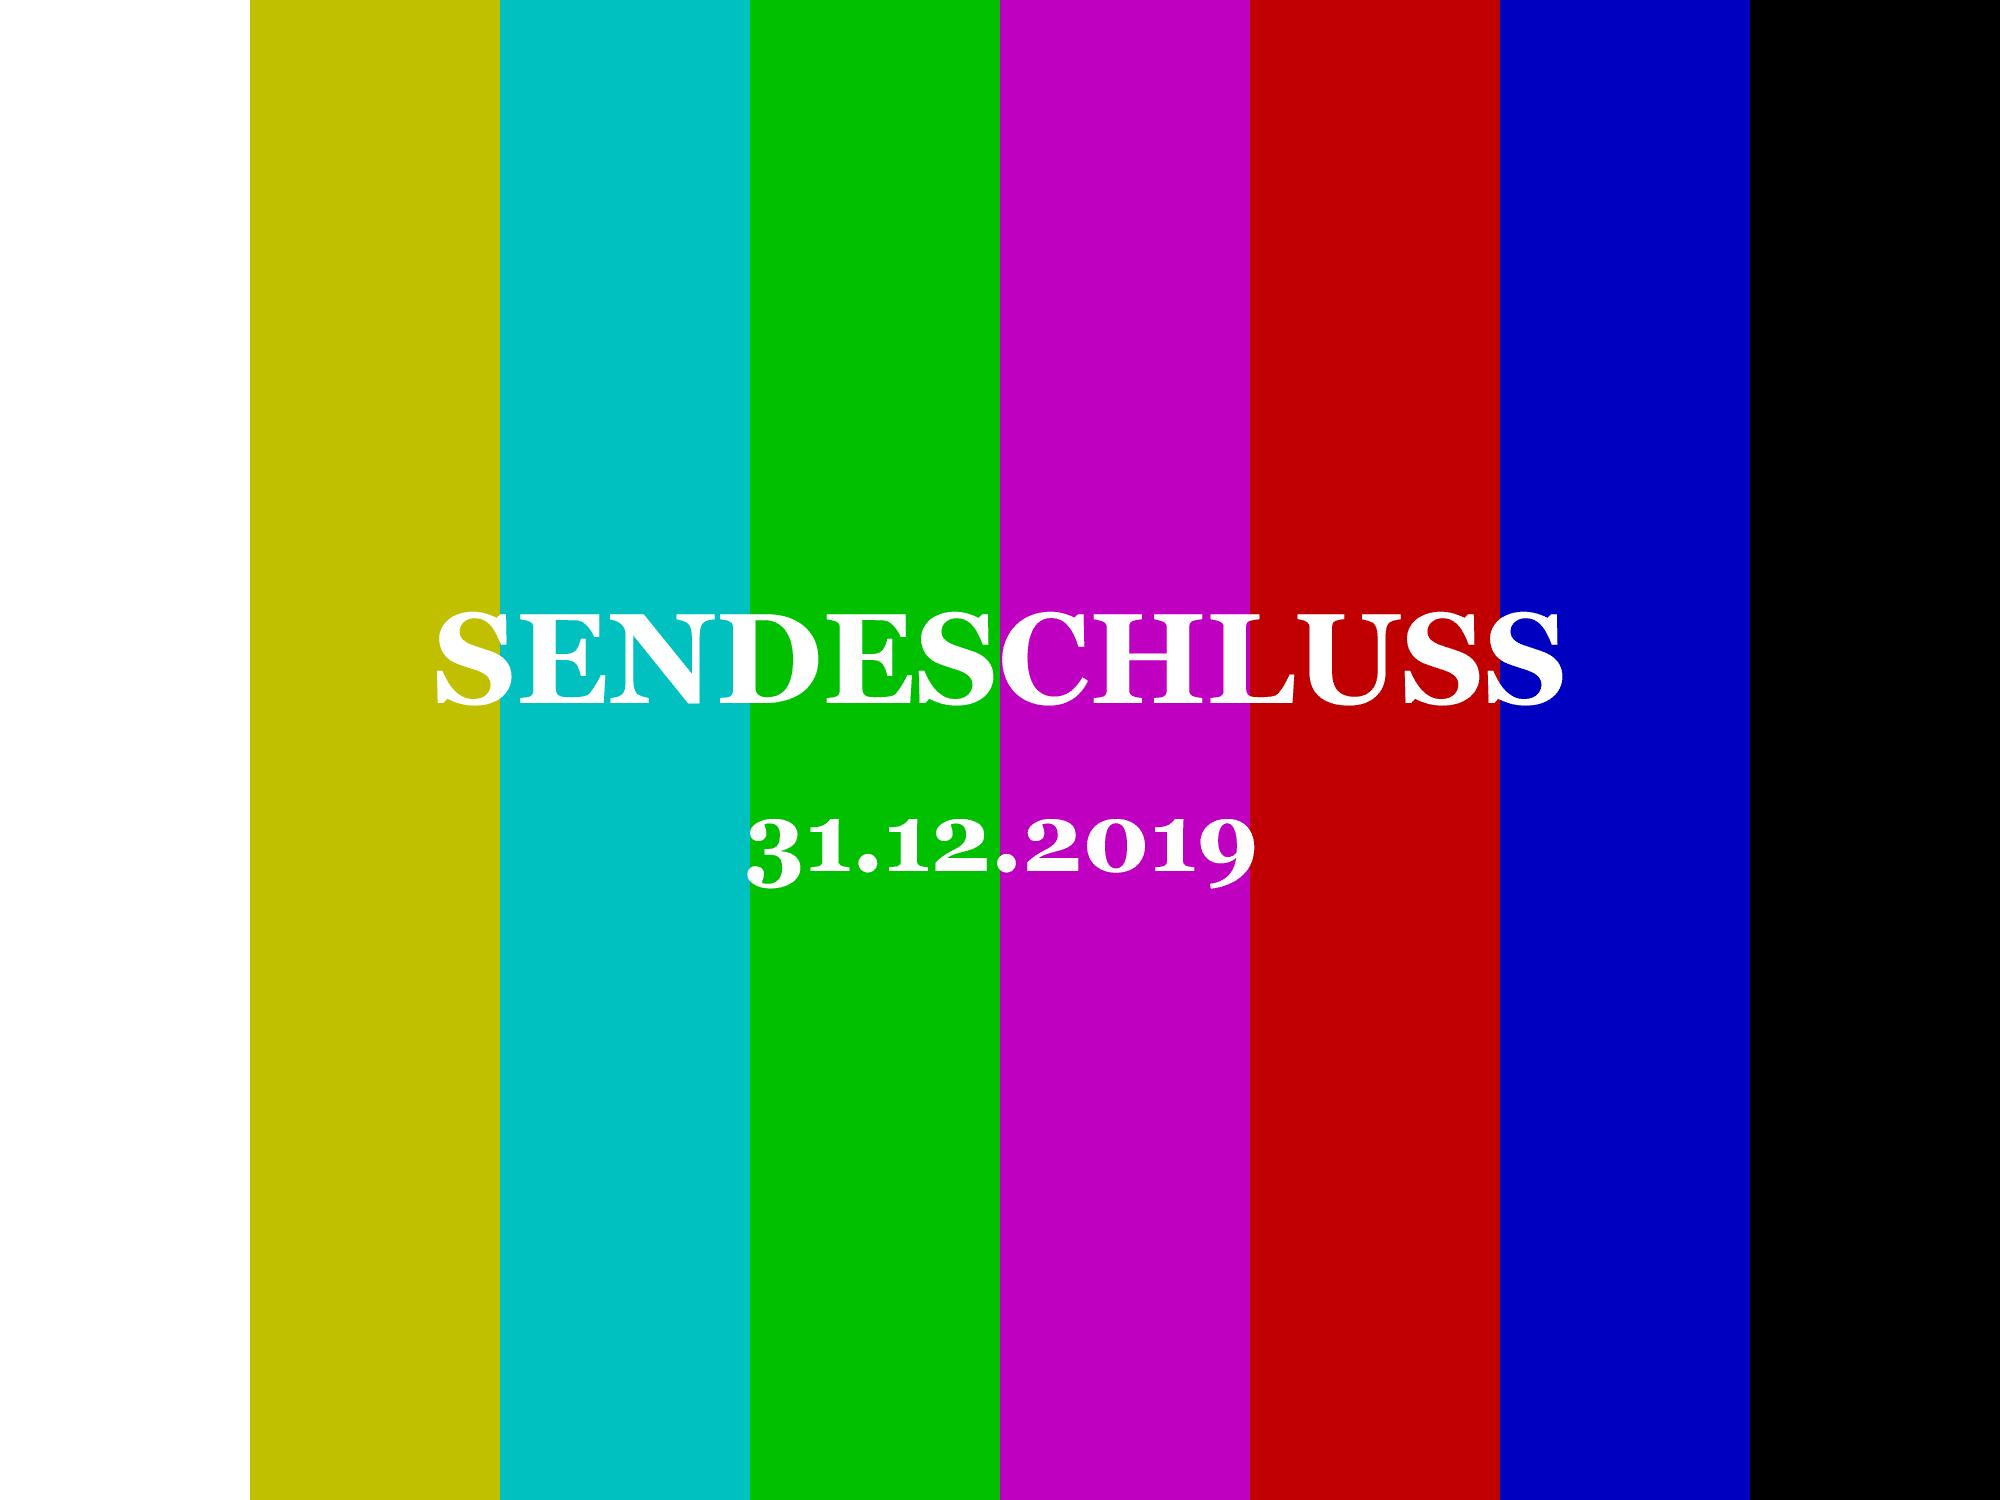 Sendeschluss - den SCHAUB-DIGITAL Blog gibt es nicht mehr!